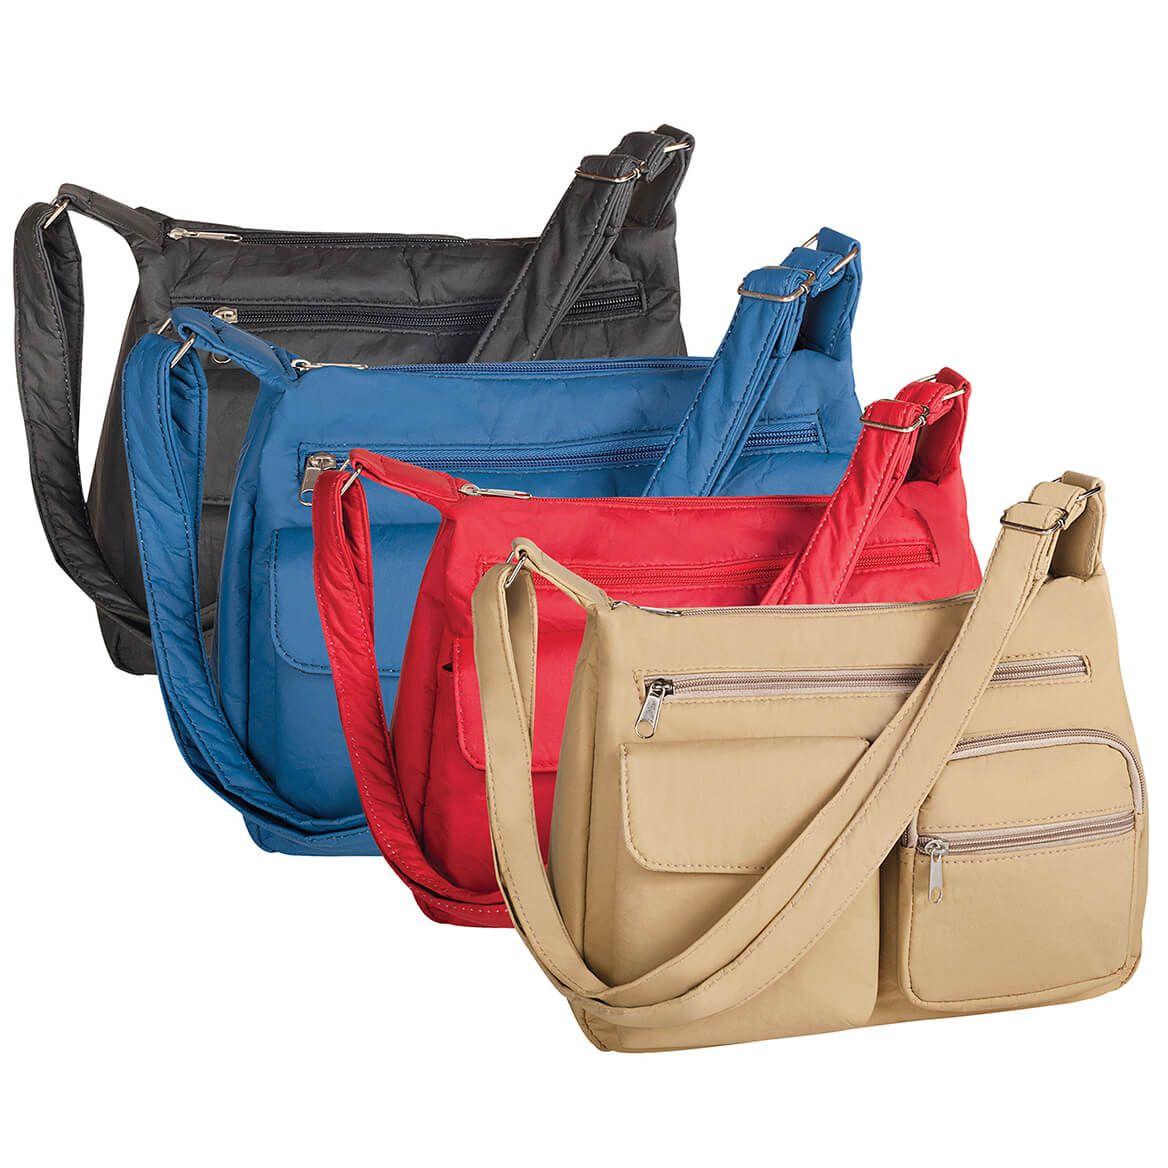 Machine Washable Handbag-348265